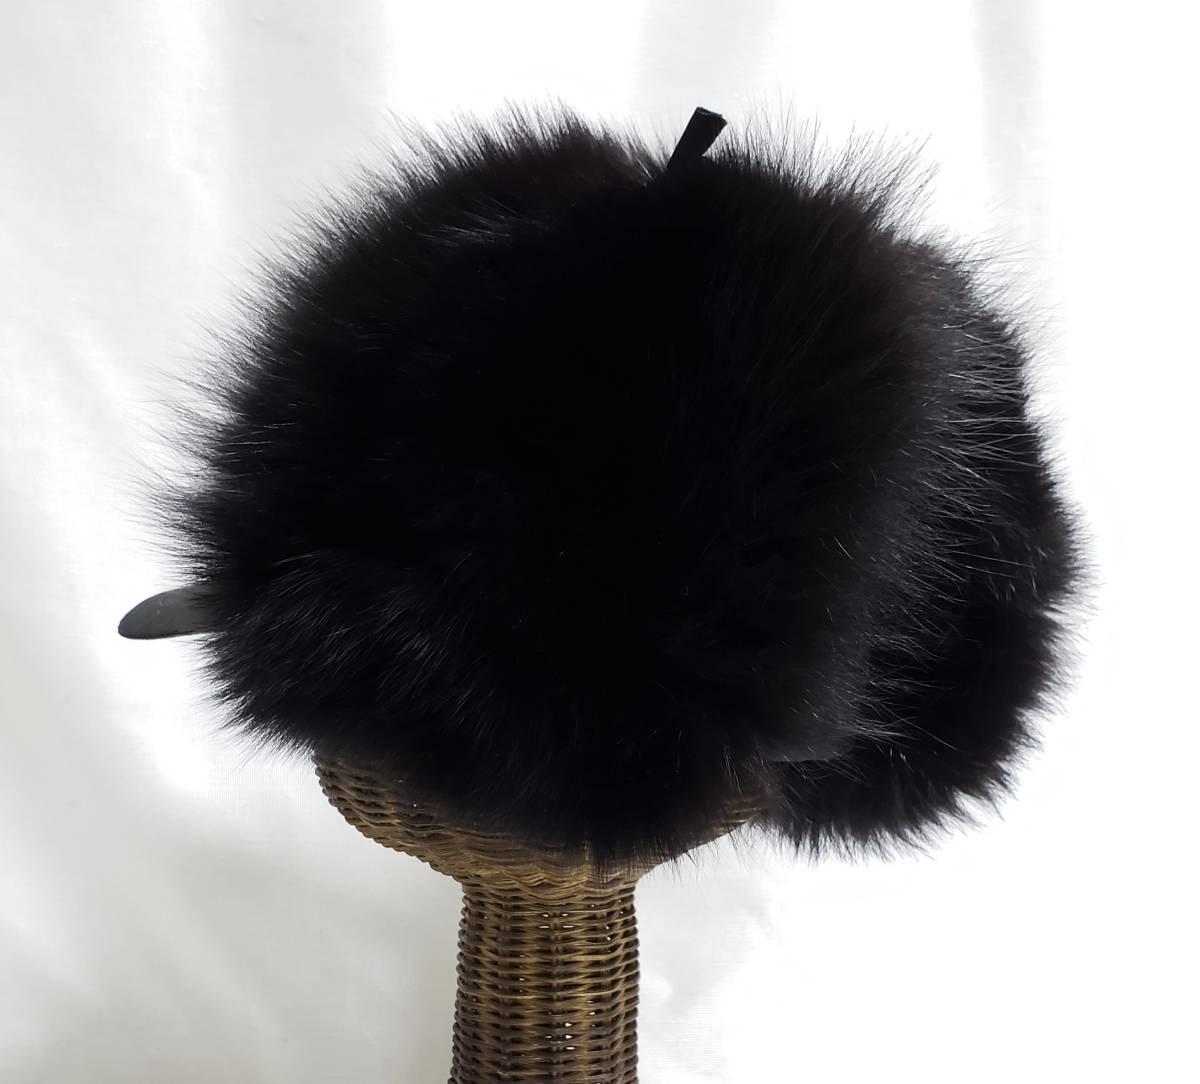 希少 新品同様 モンクレール MONCLER ボリュームファーが素敵な フォックス ファー 耳当て付き 帽子 パイロット キャップ 黒 フリーサイズ _画像4